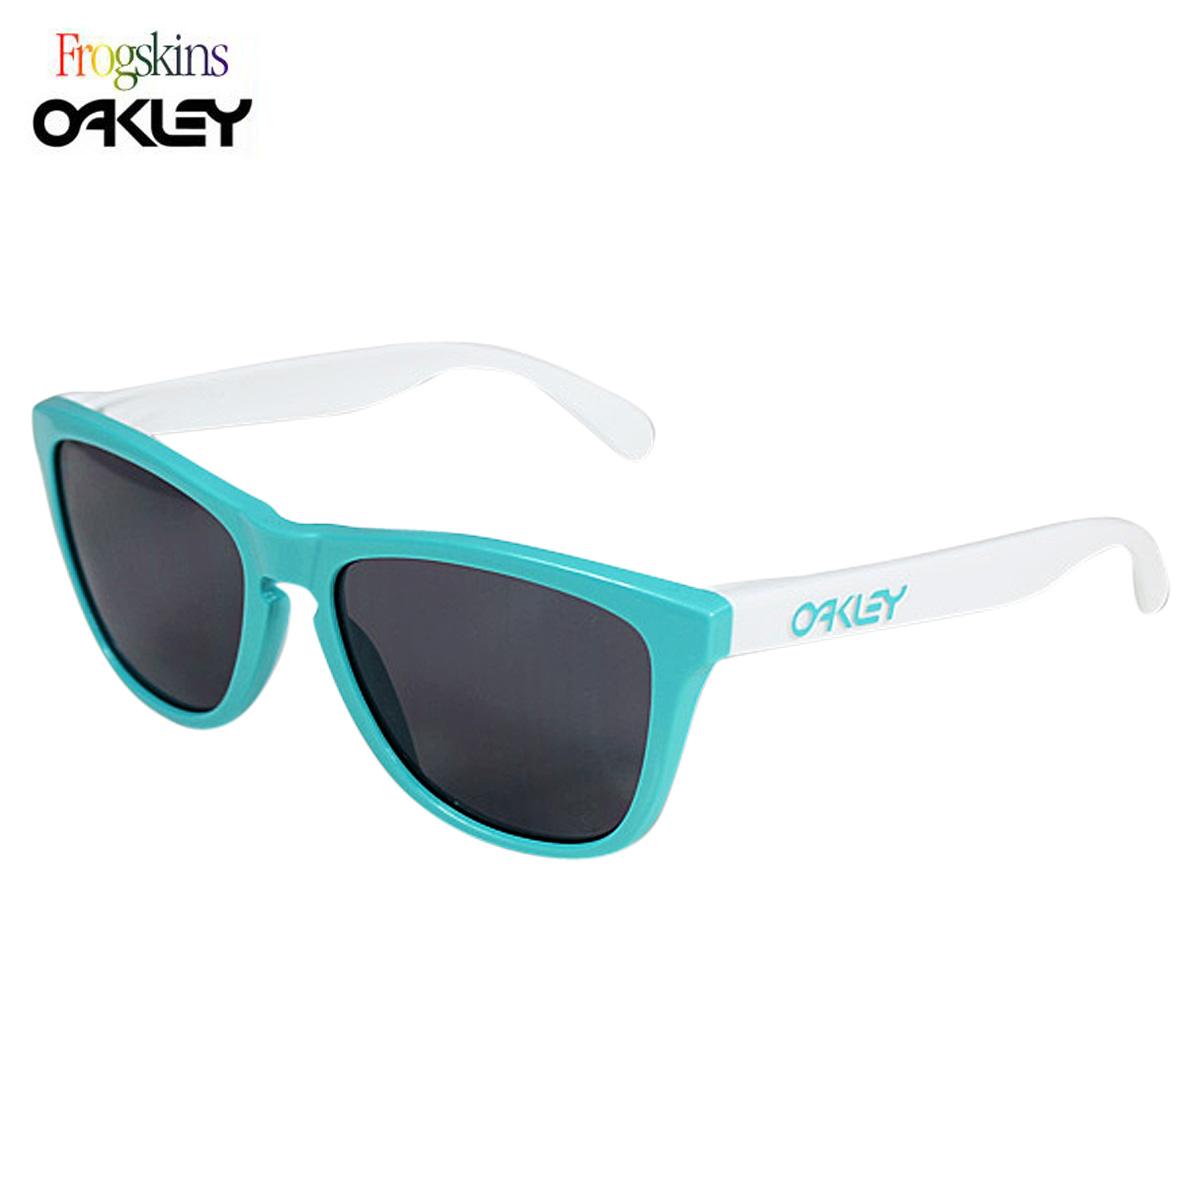 オークリー Oakley サングラス Special Edition Heritage Frogskins ヘリテイジ フロッグスキン メガネ 24-417 シーフォーム グレー メンズ レディース 【CLEARANCE】